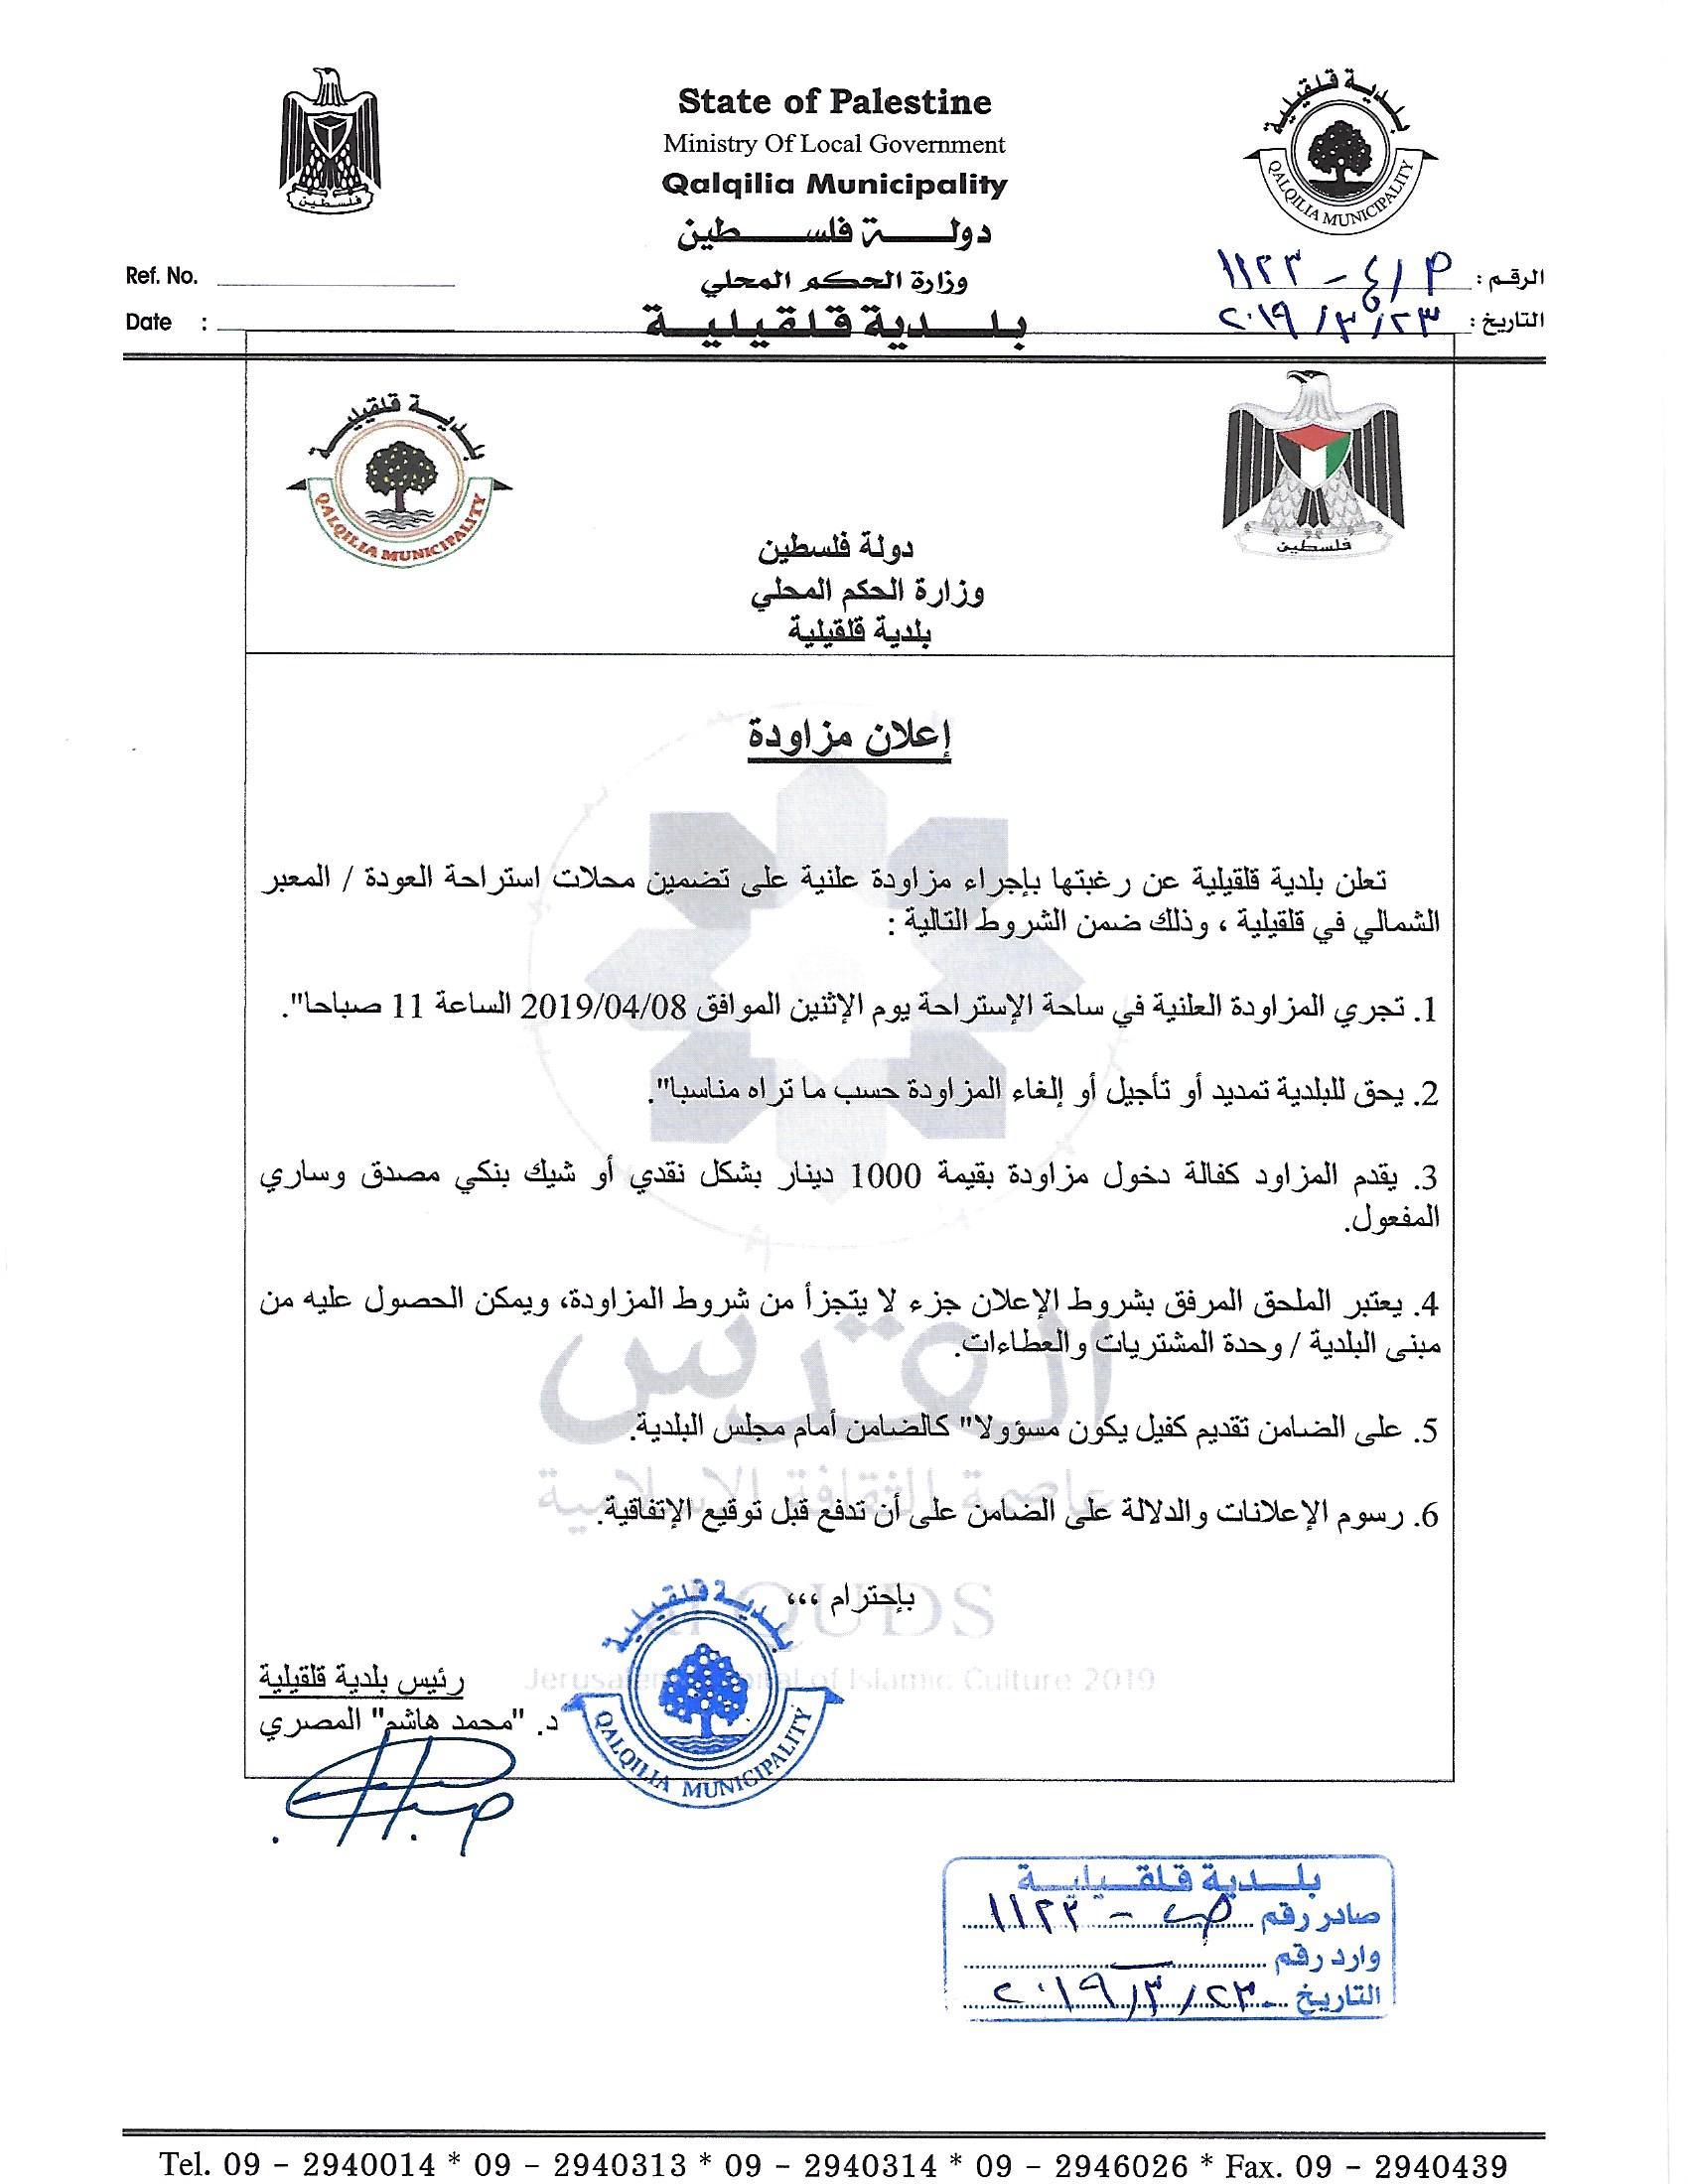 اعلان وشروط مزاودة علنية لمحلات استراحة العودة / قلقيلية